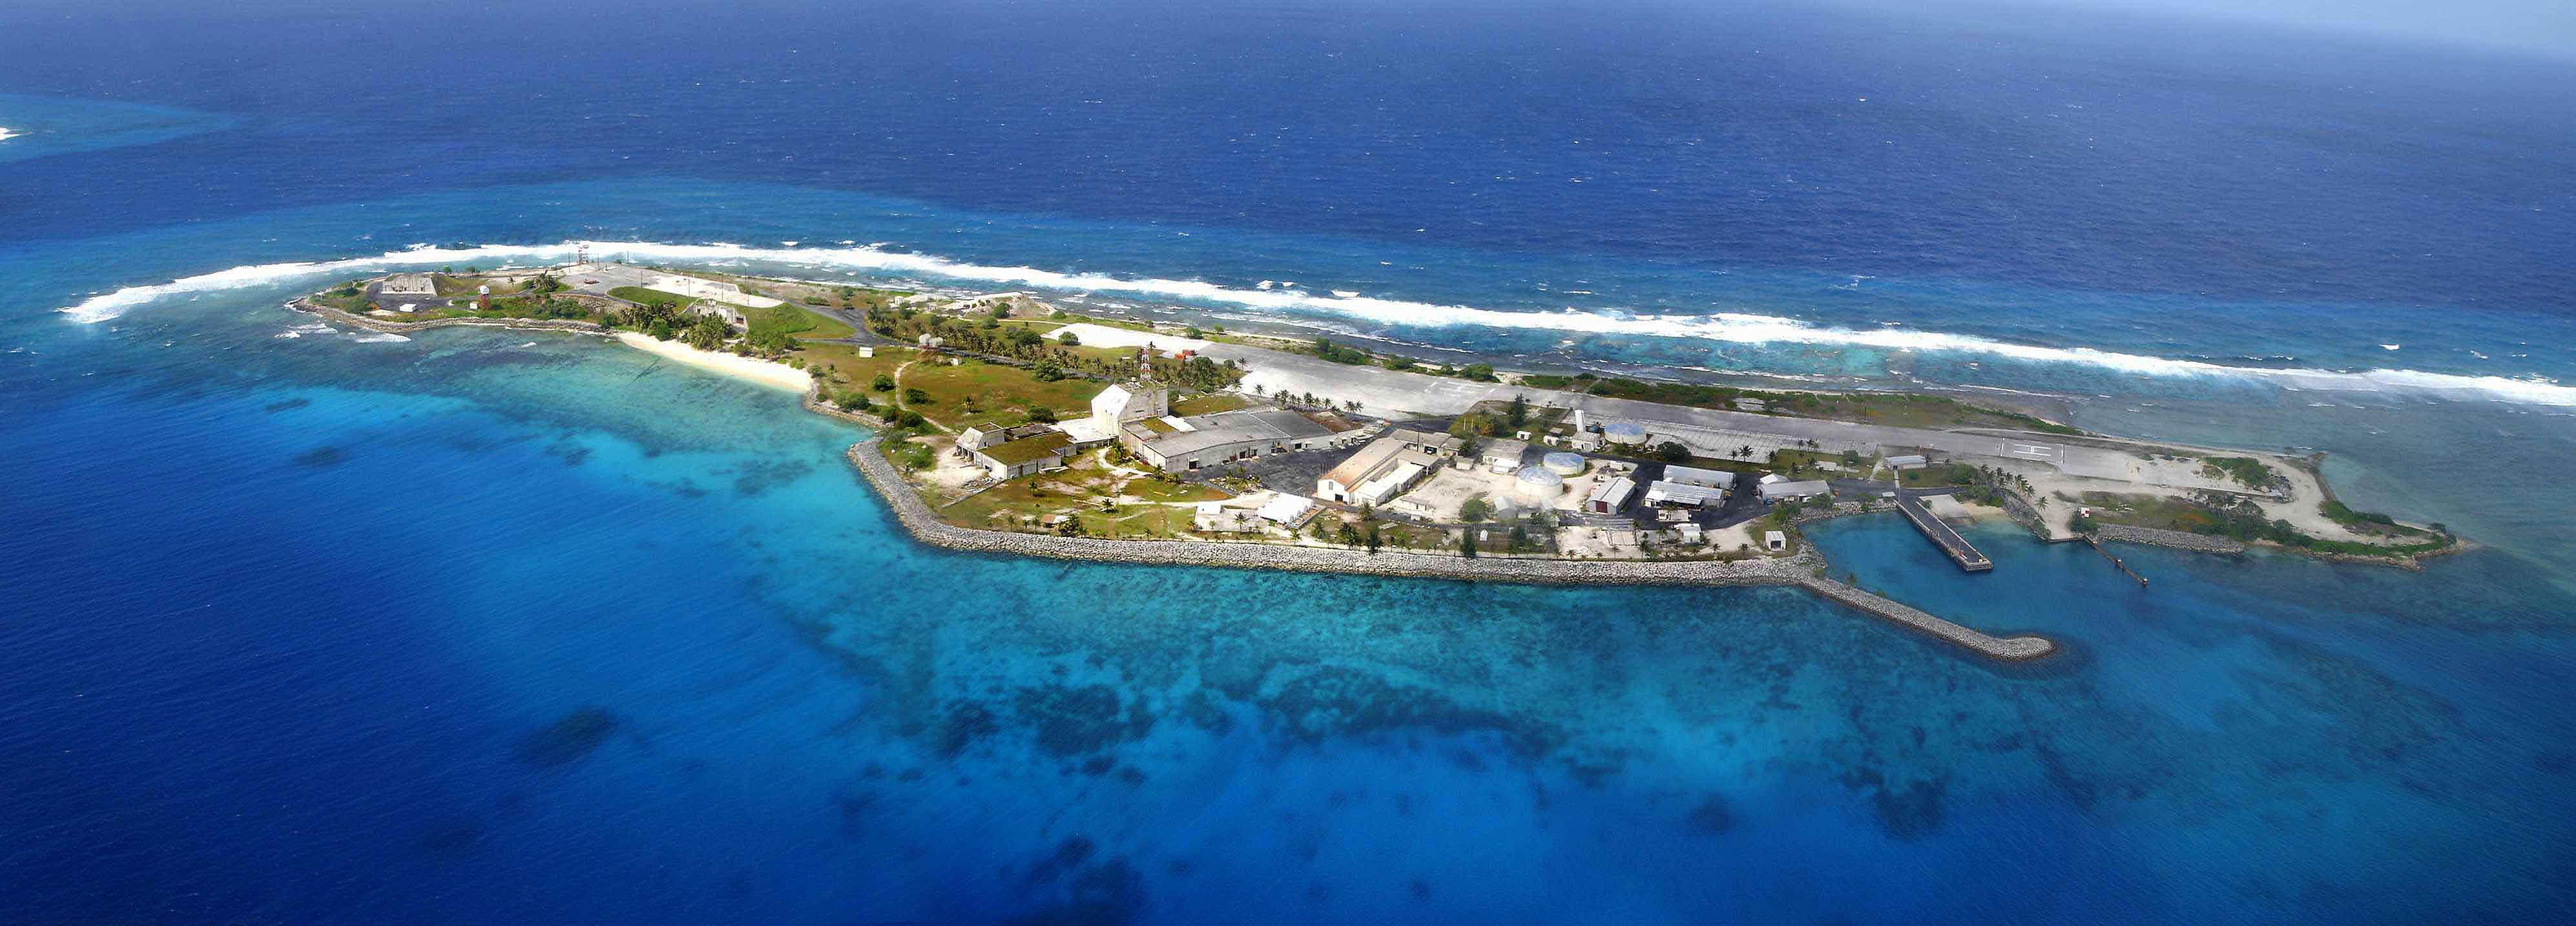 Meck Island - Wikipedia